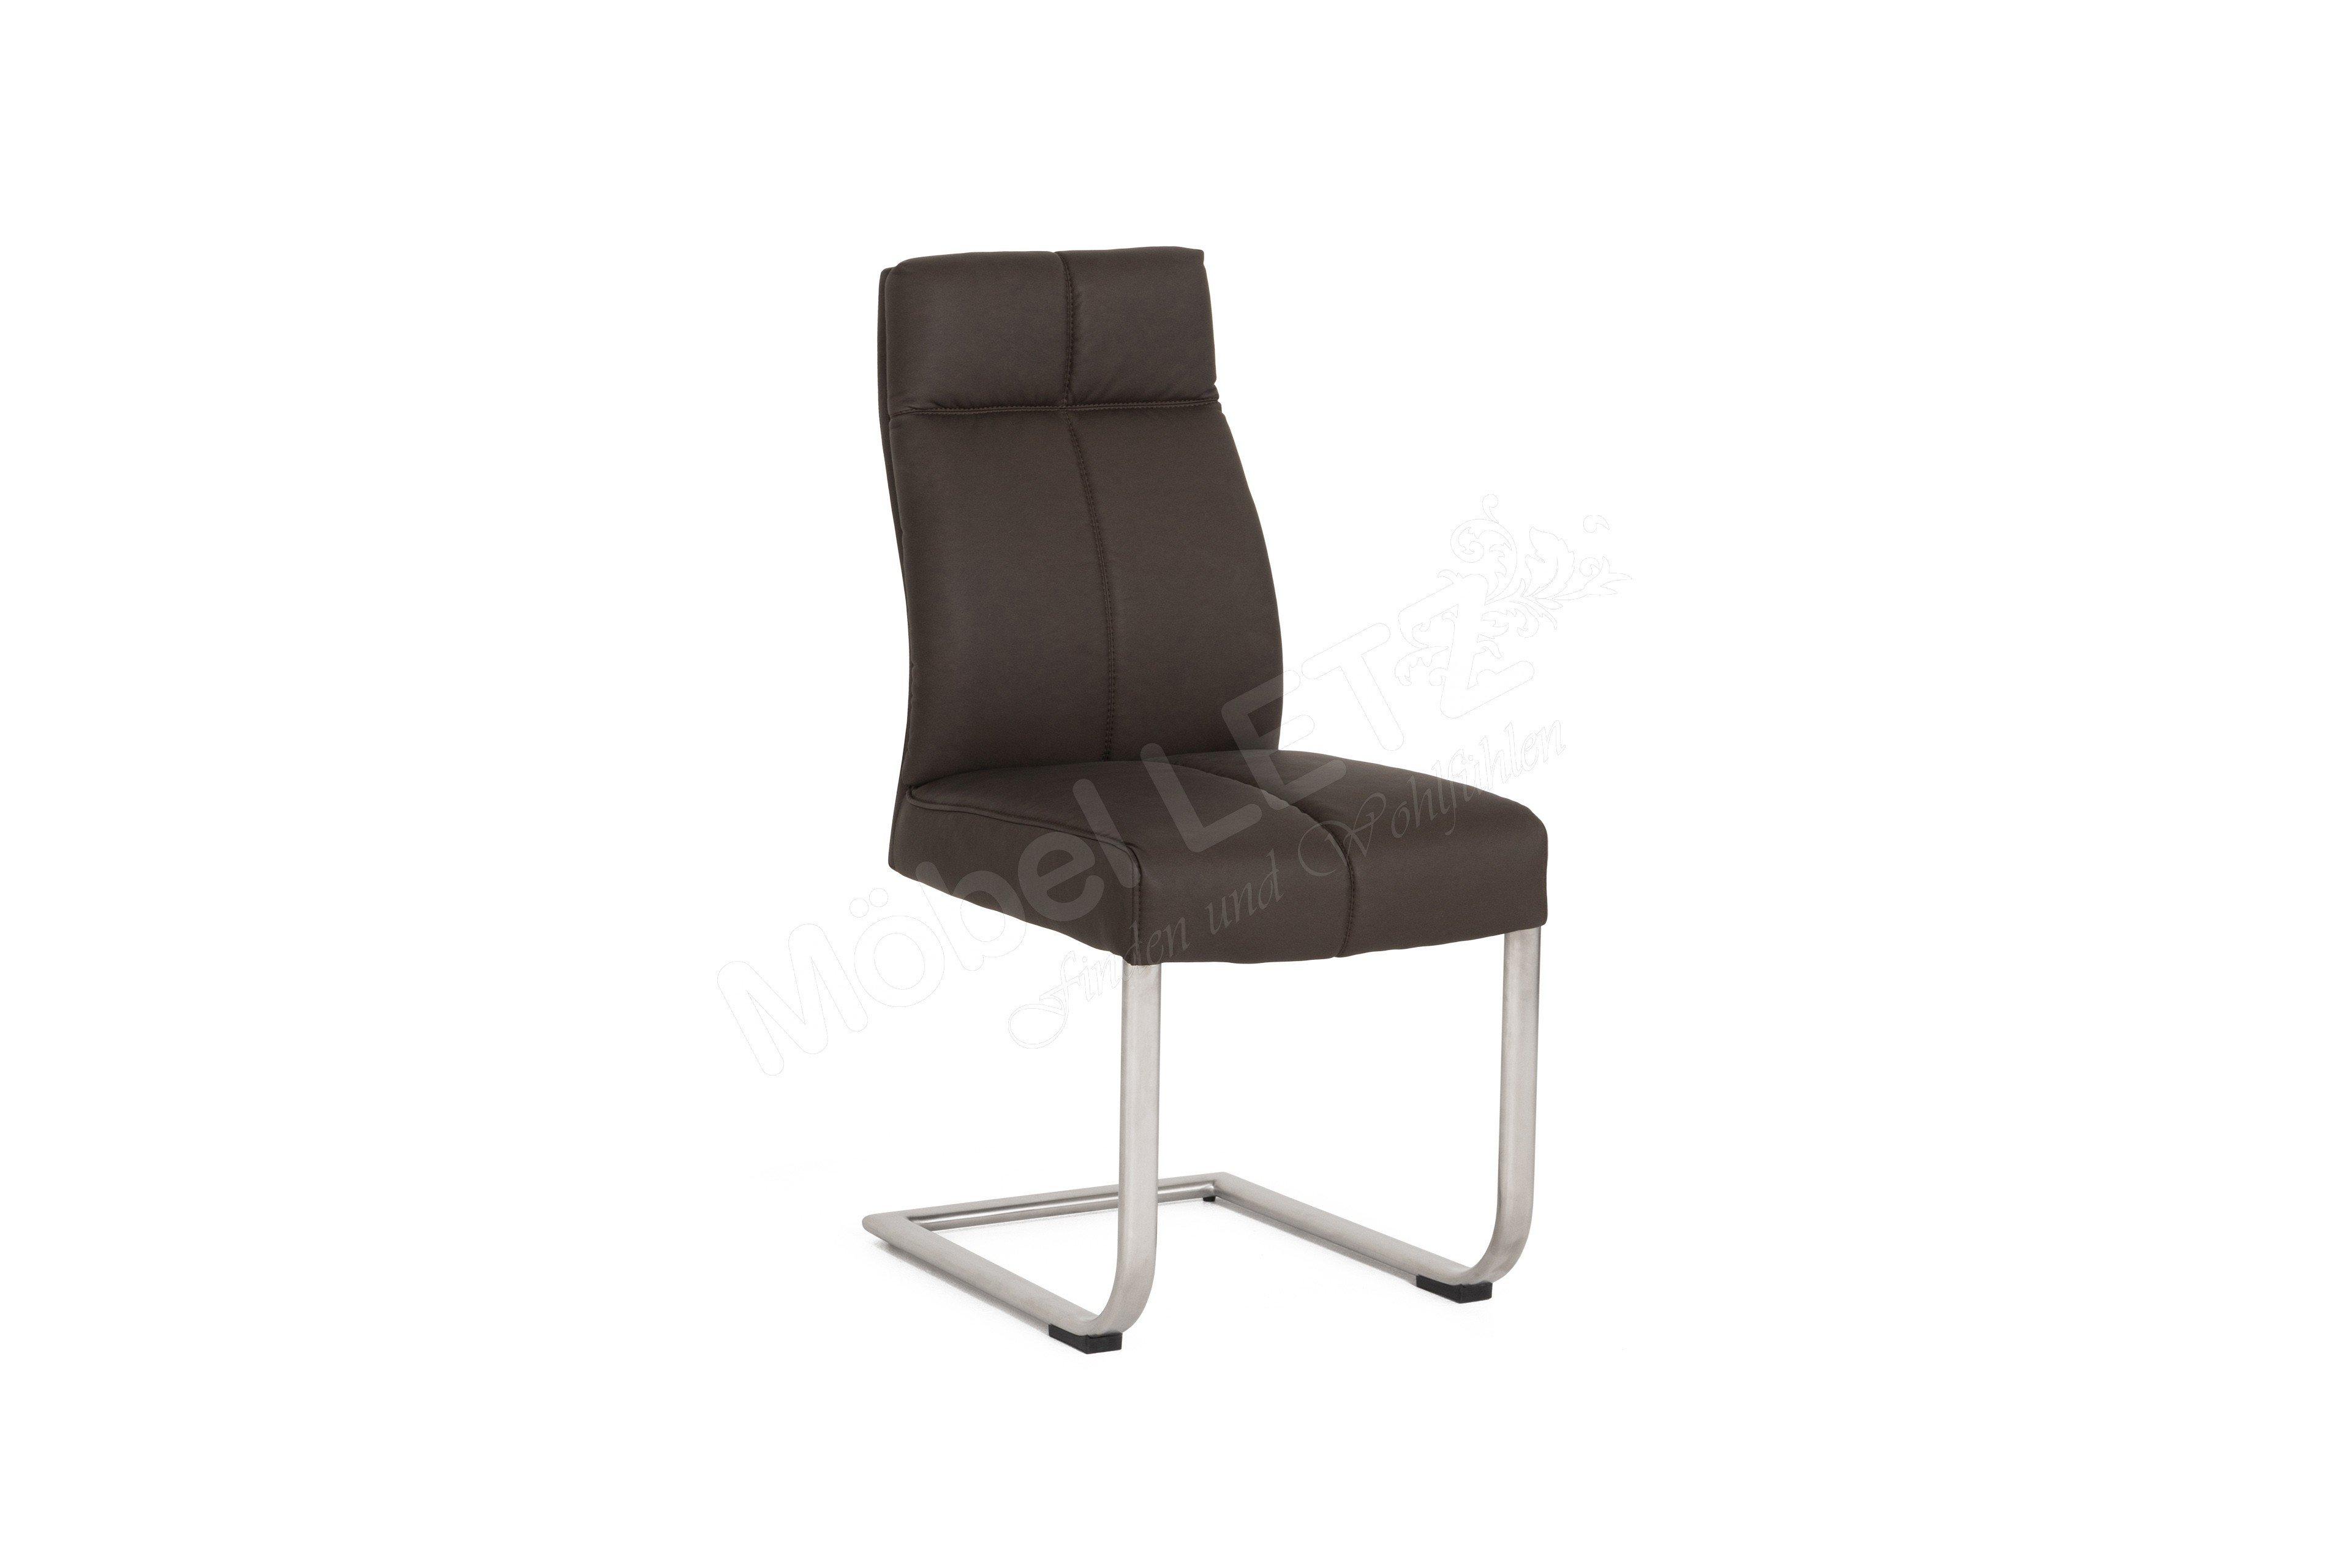 mca stuhl vince carter braun m bel letz ihr online shop. Black Bedroom Furniture Sets. Home Design Ideas